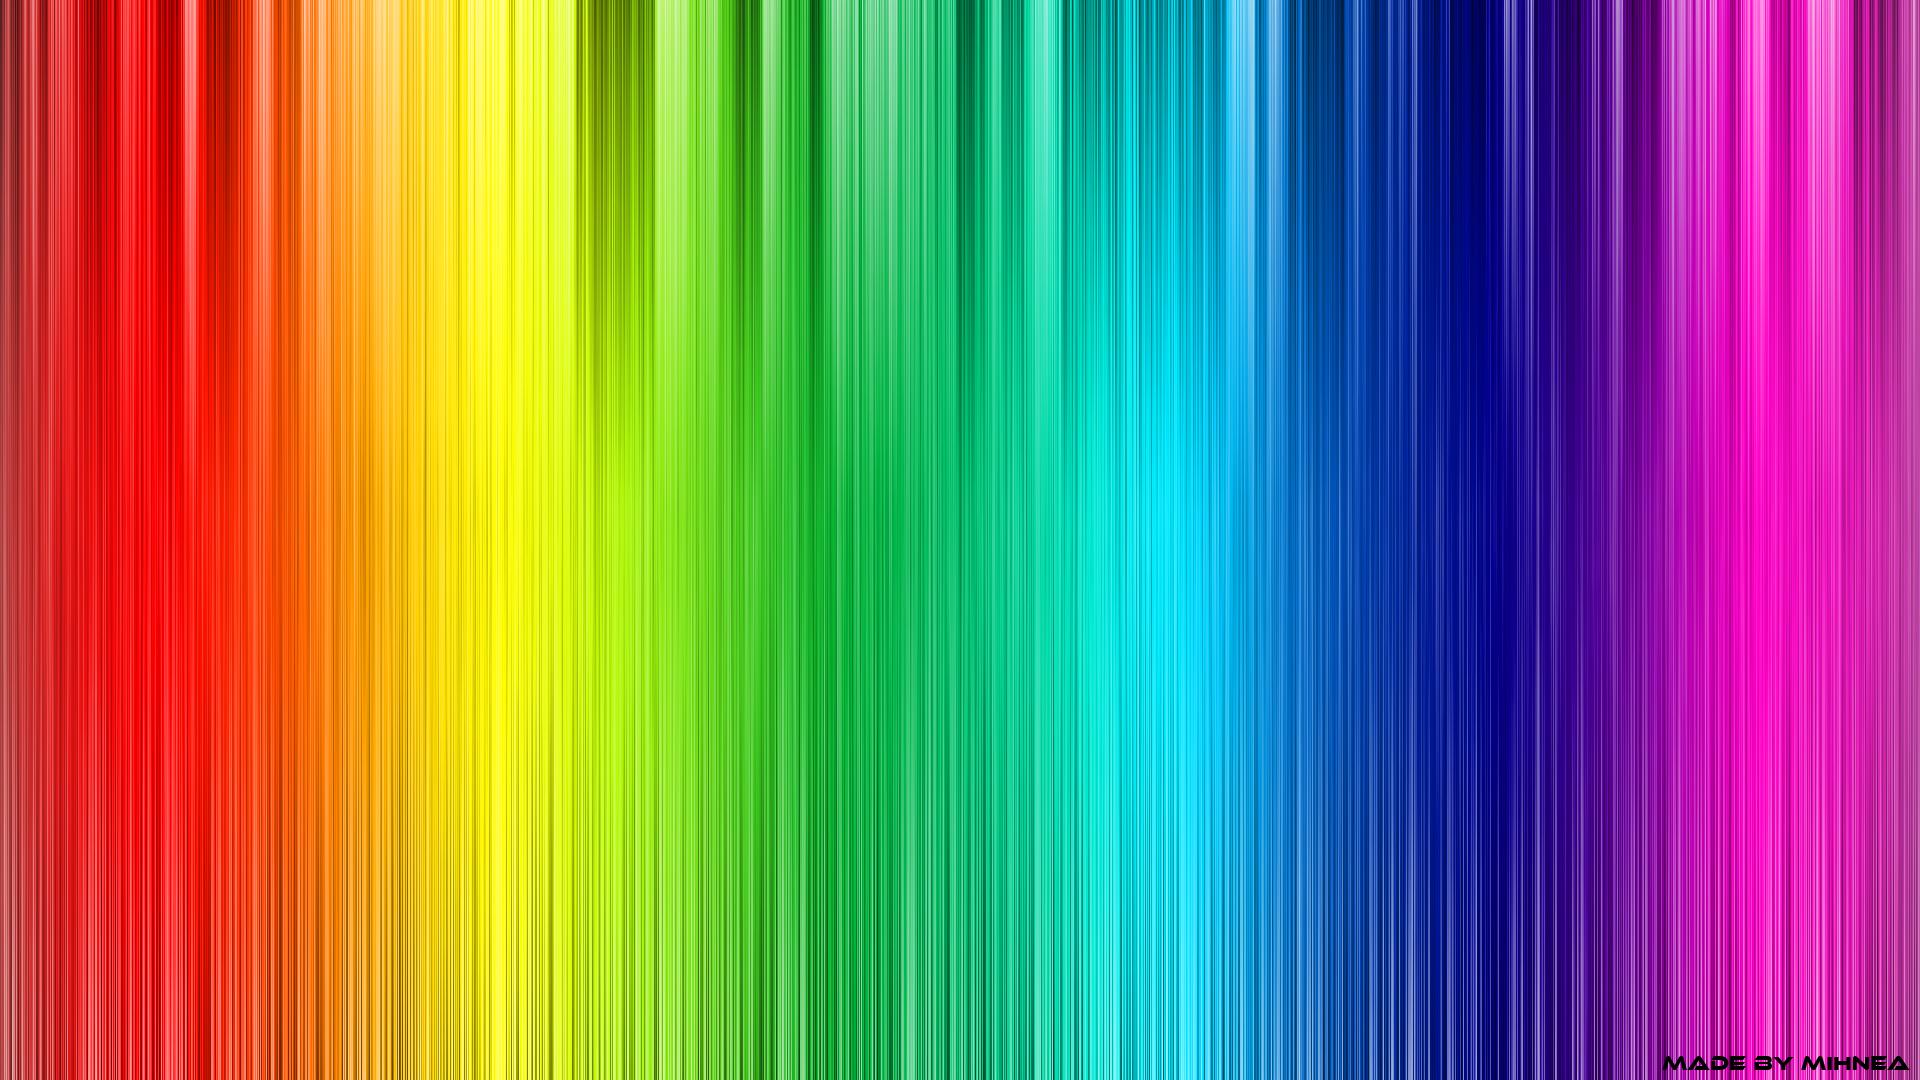 Multicolor s wallpaper | 1920x1080 | #82322